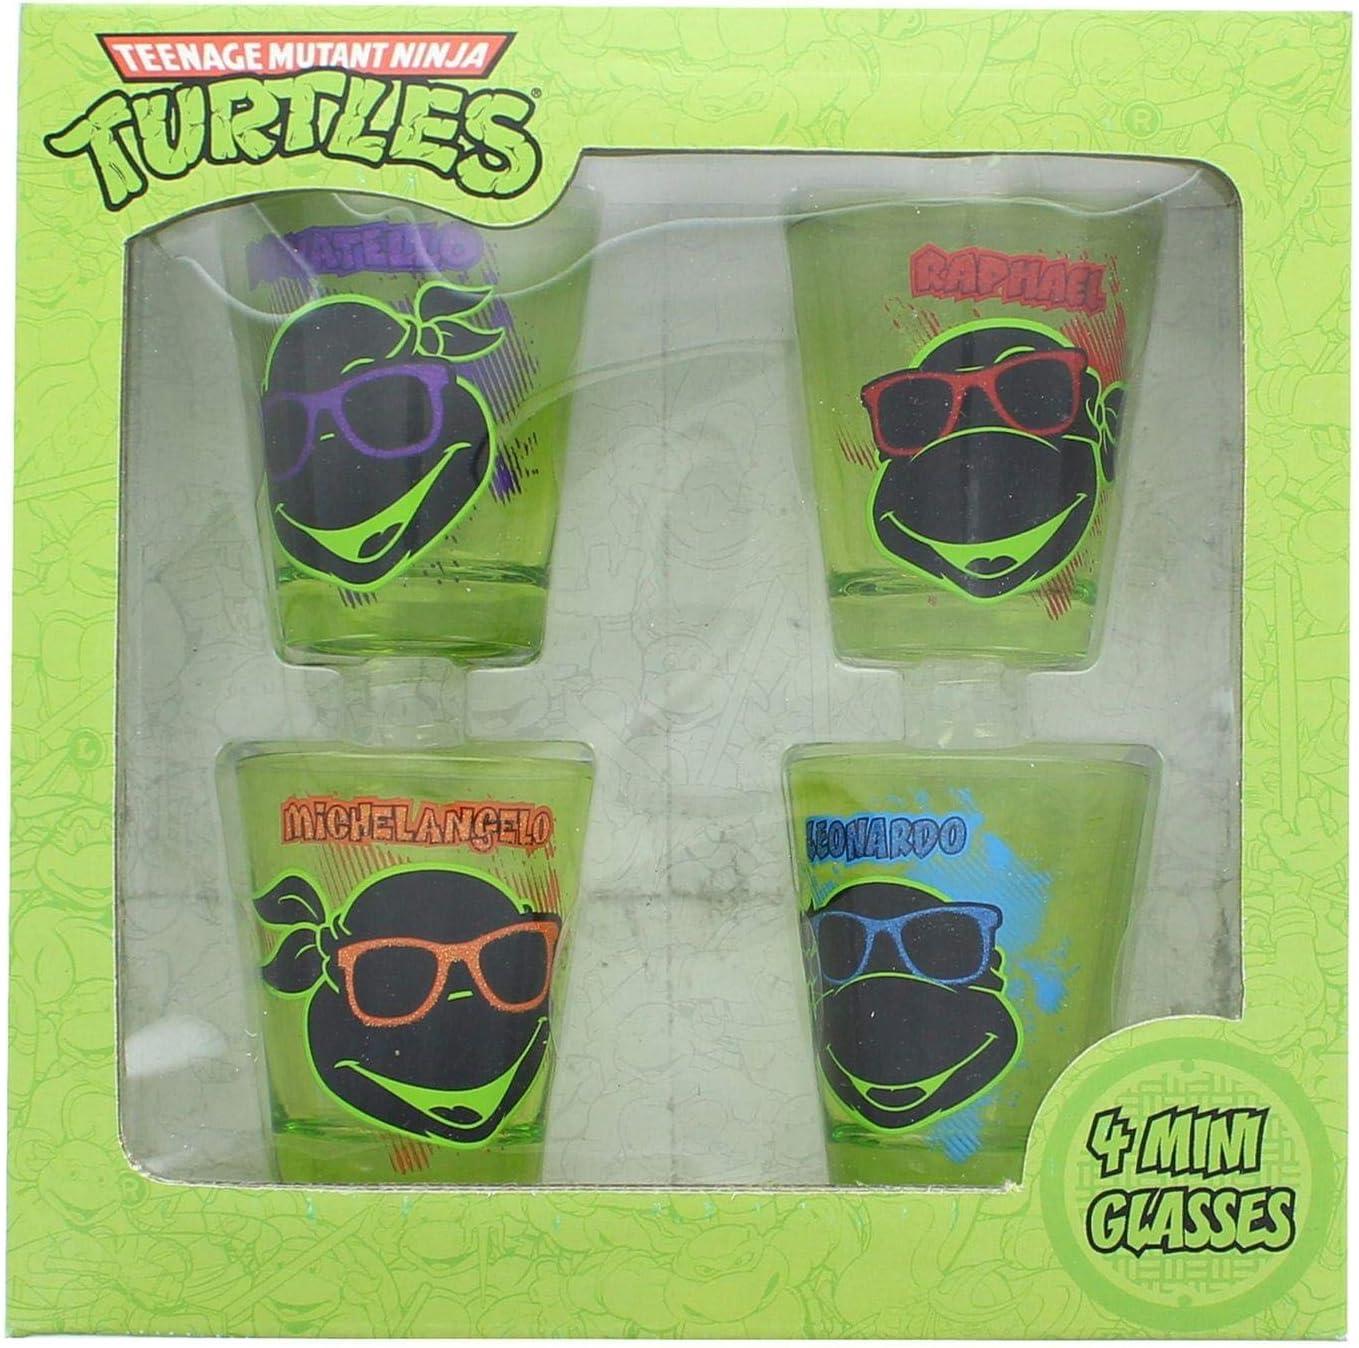 JUST FUNKY TMNT-SG4-4626-JFC-01 Teenage Mutant Ninja Turtles Face Shot Set